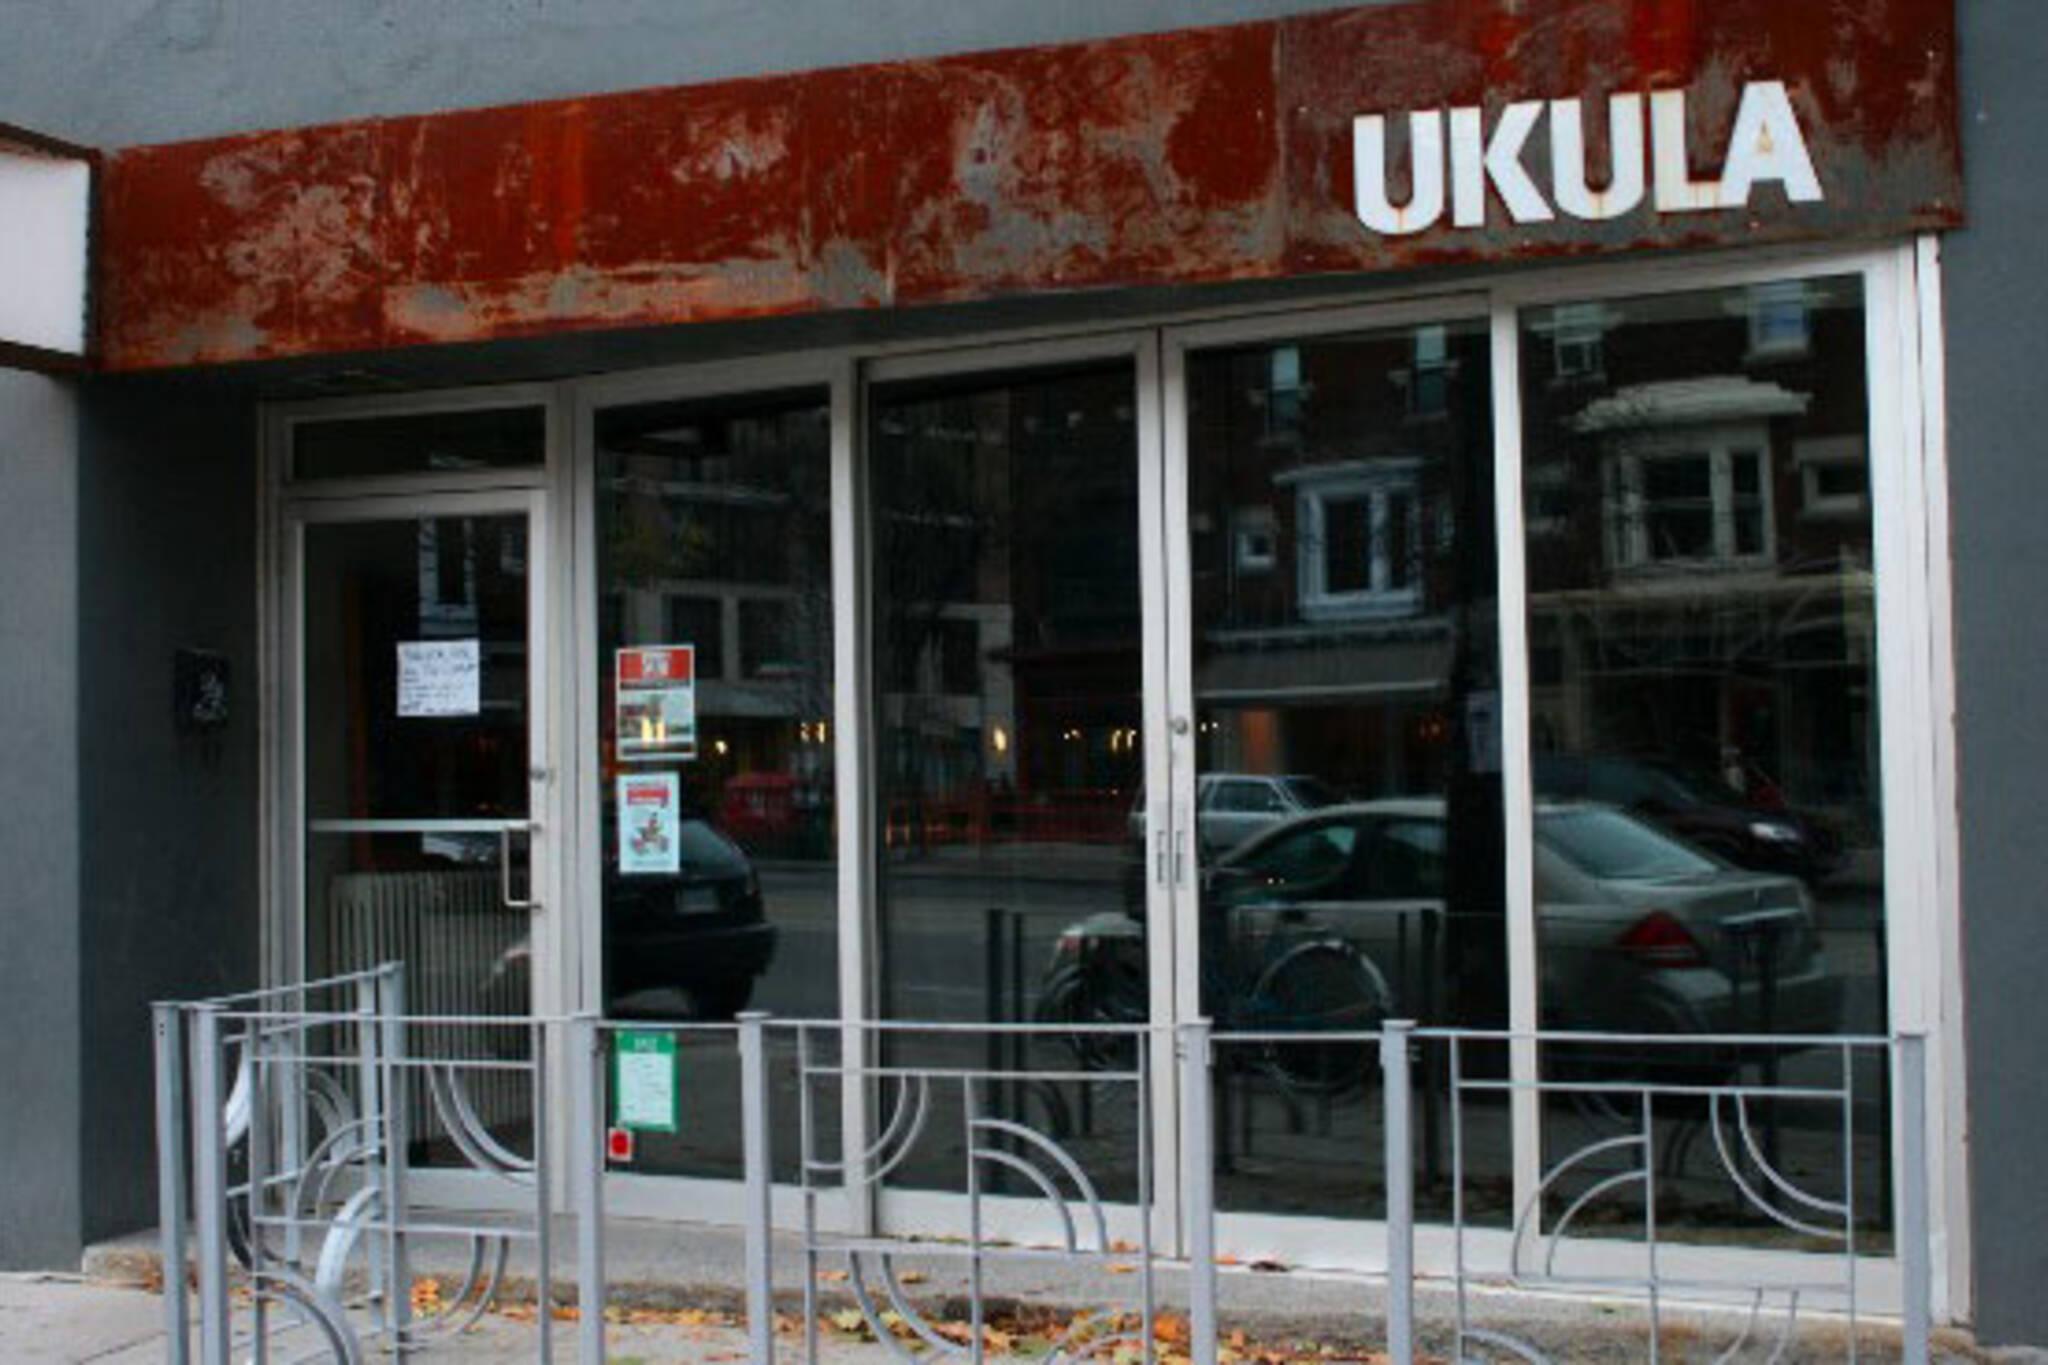 UKULA